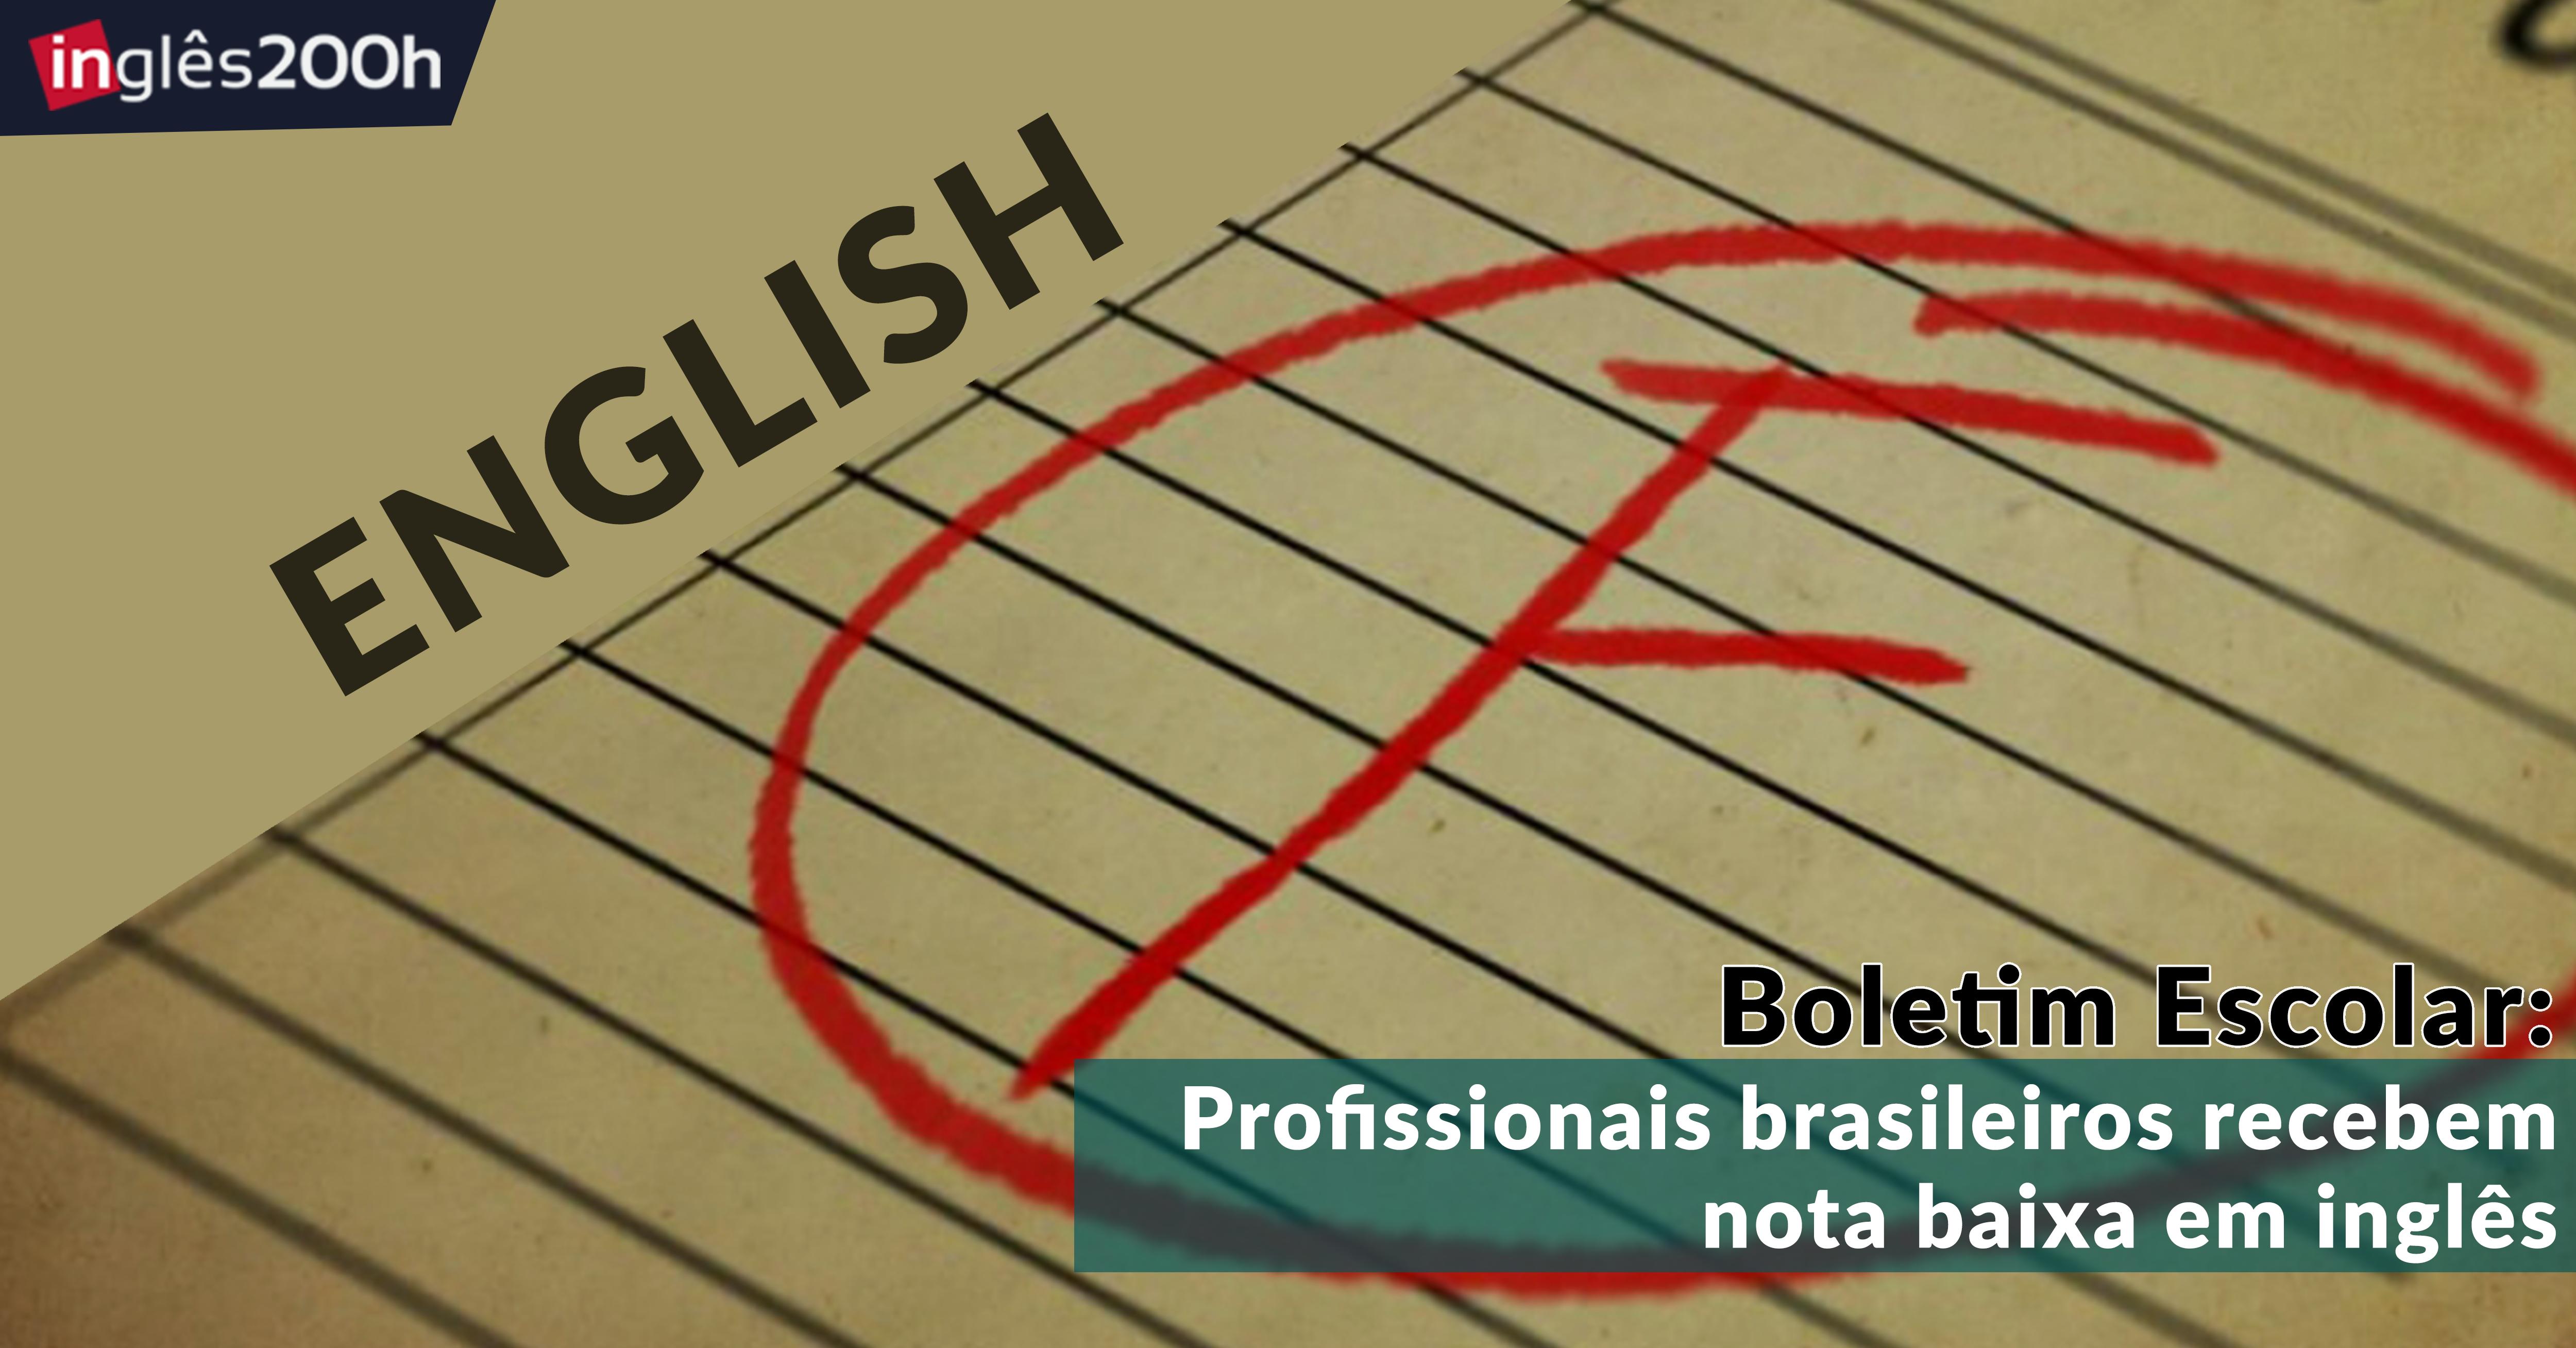 Populares Boletim escolar: Brasileiros recebem nota baixa em inglês RZ89